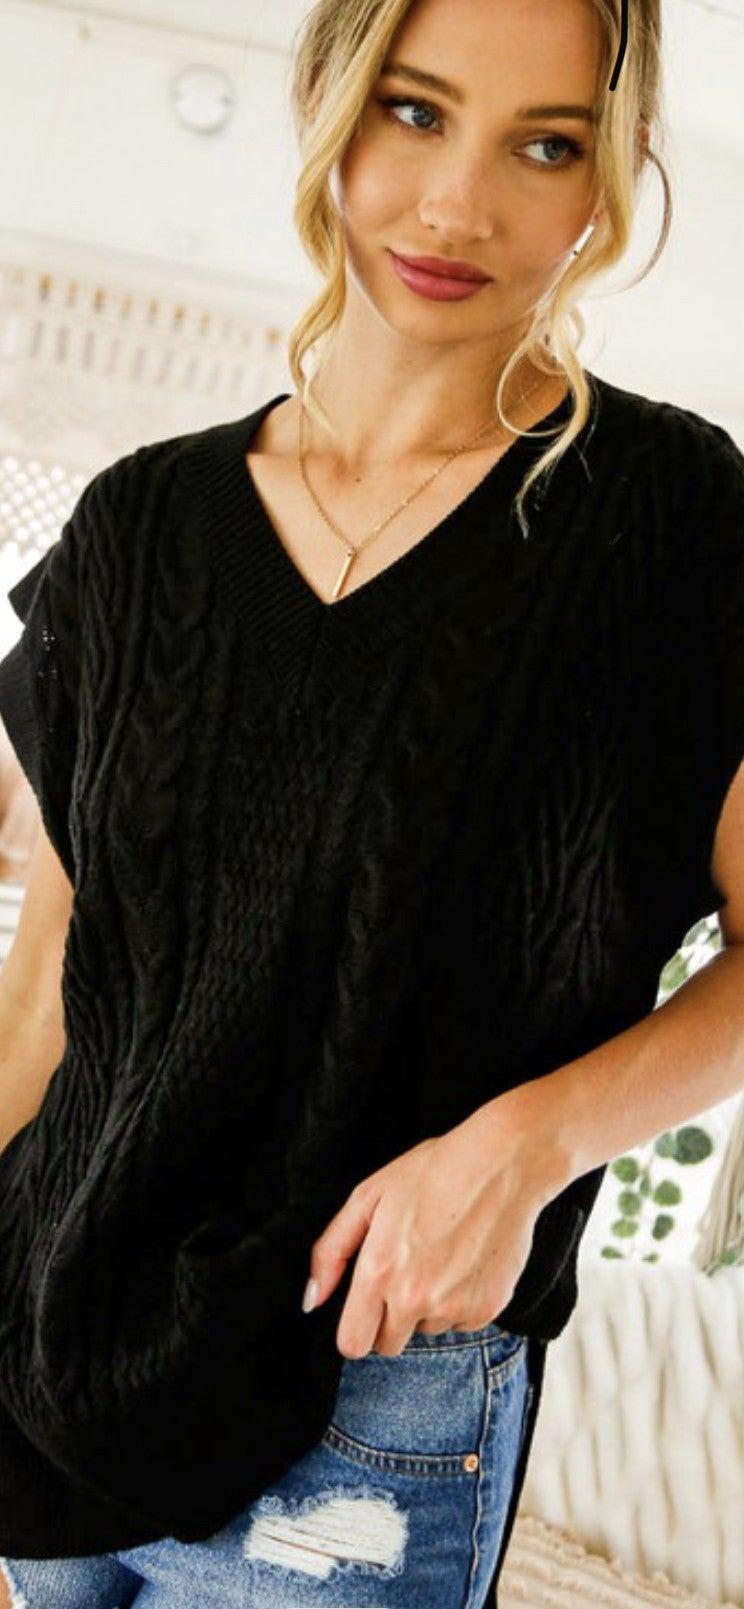 Double Duty Sweater